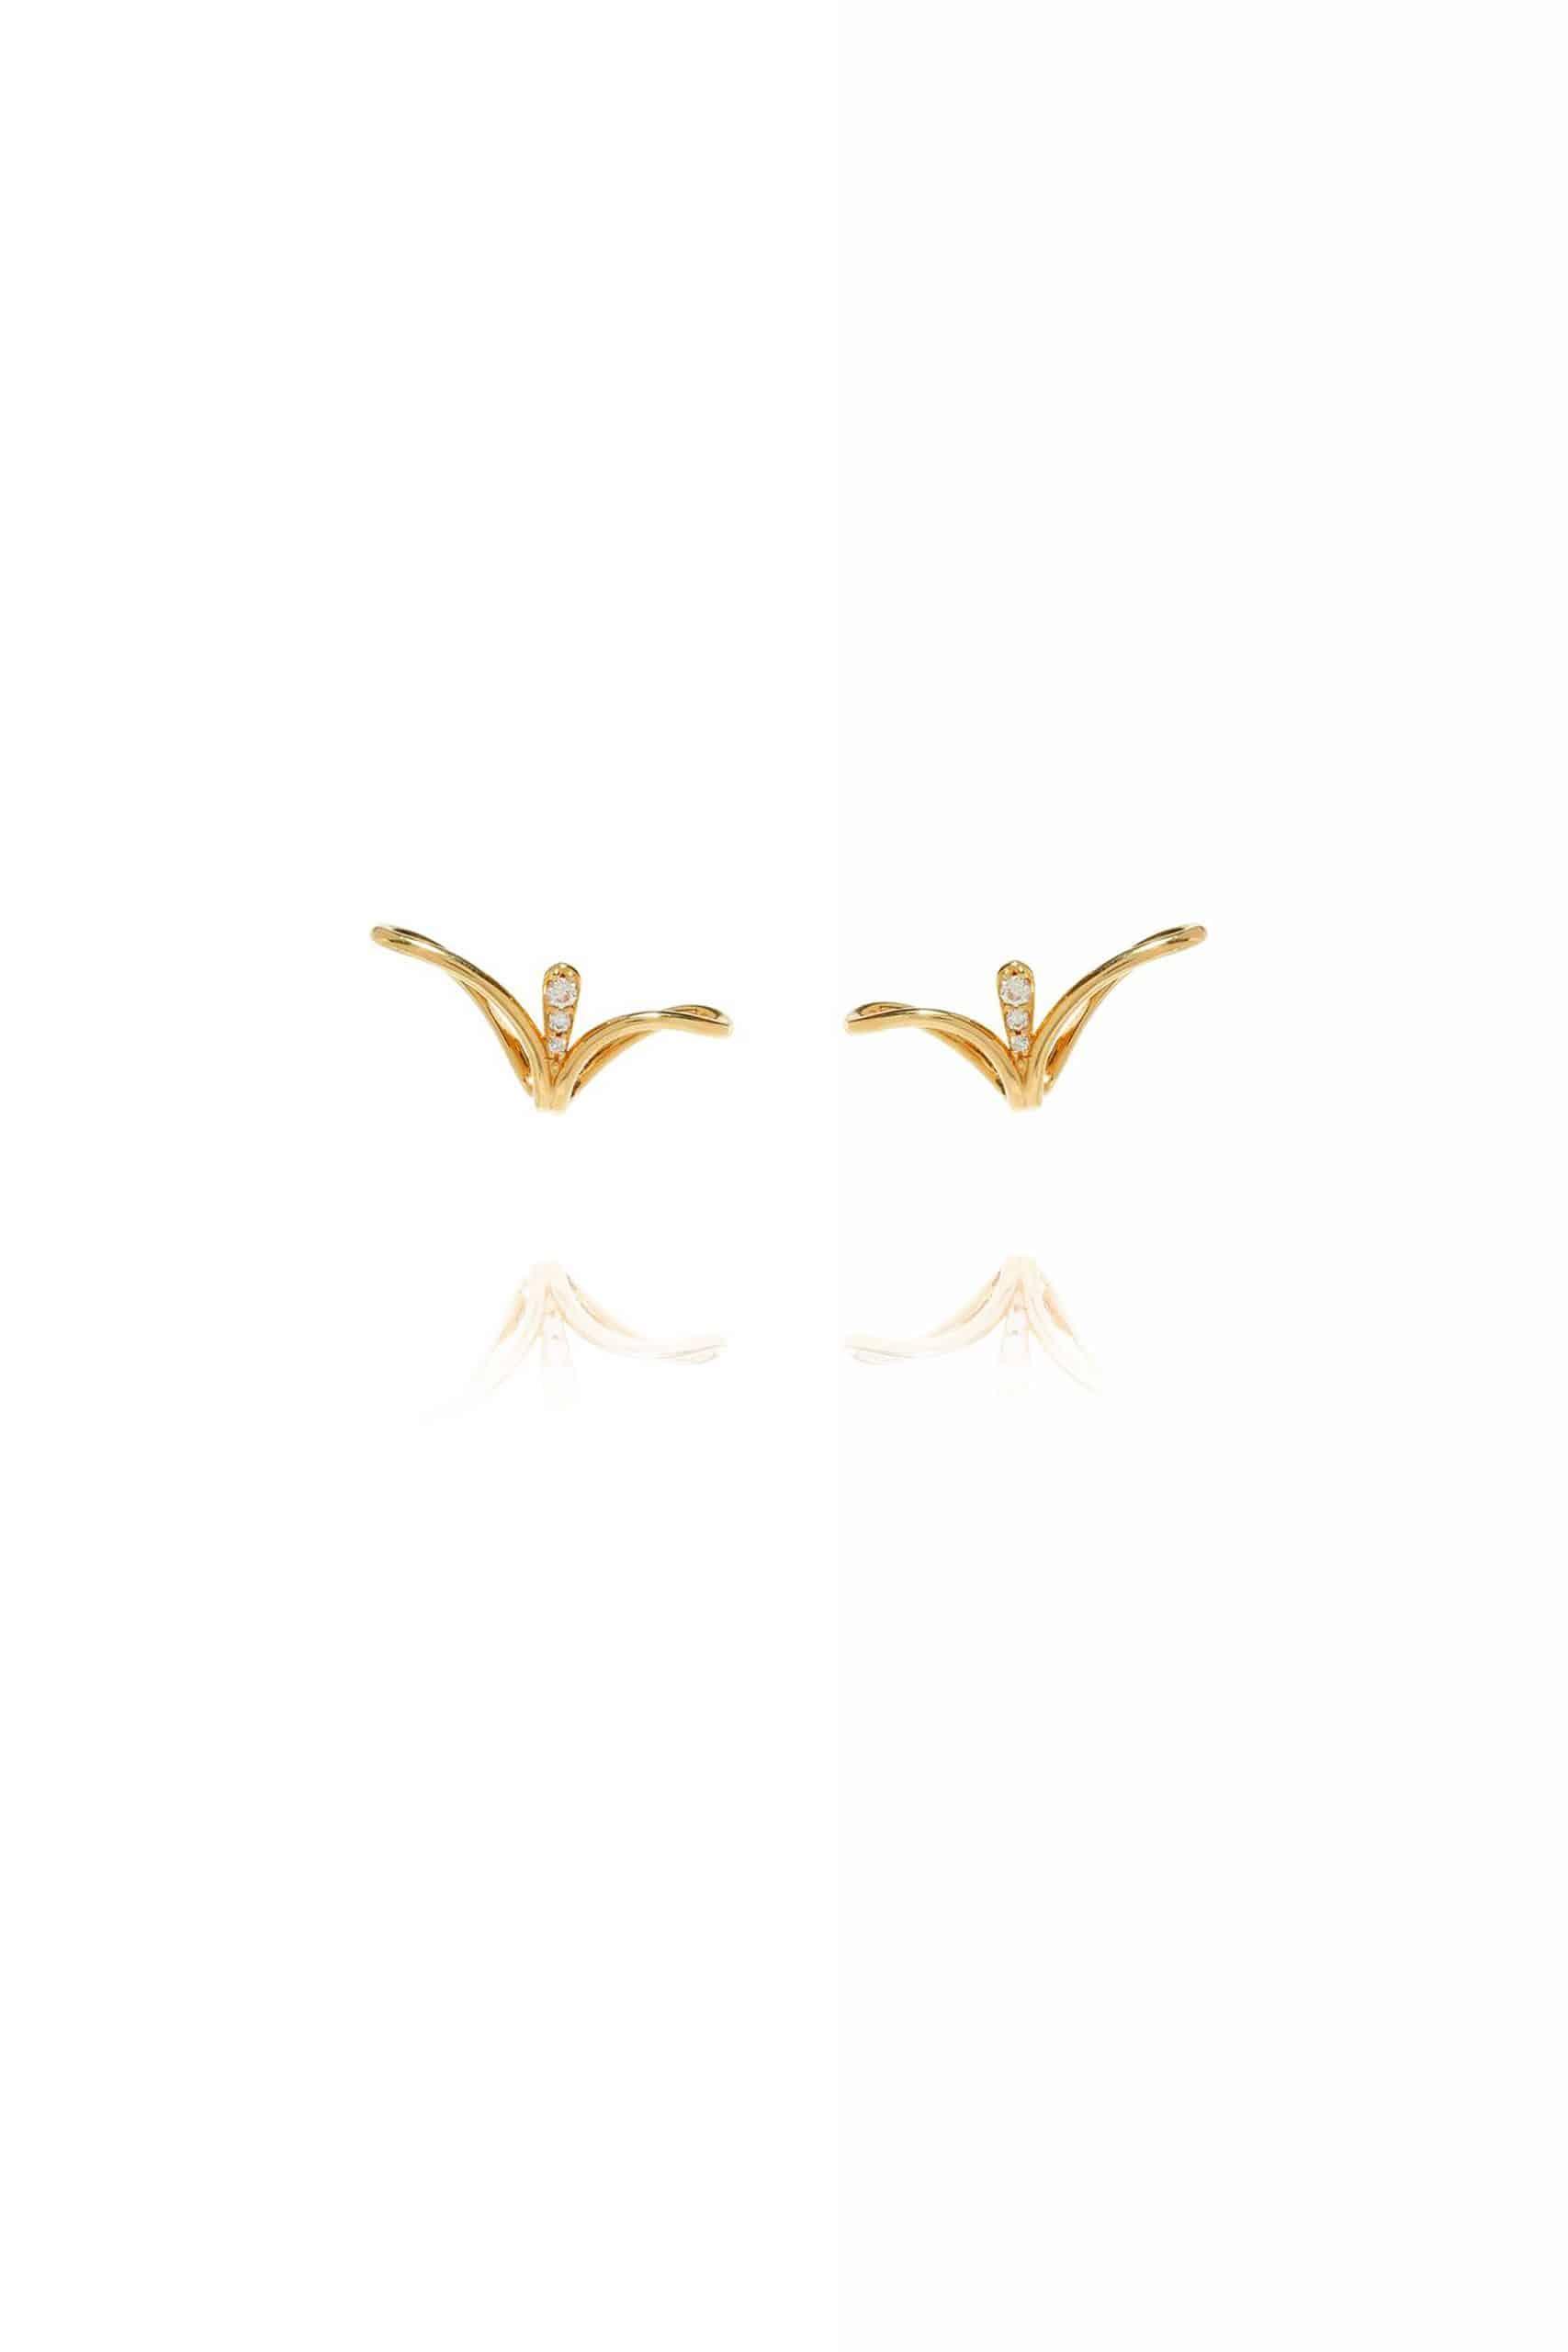 Fluid Diamonds Lobe Earrings